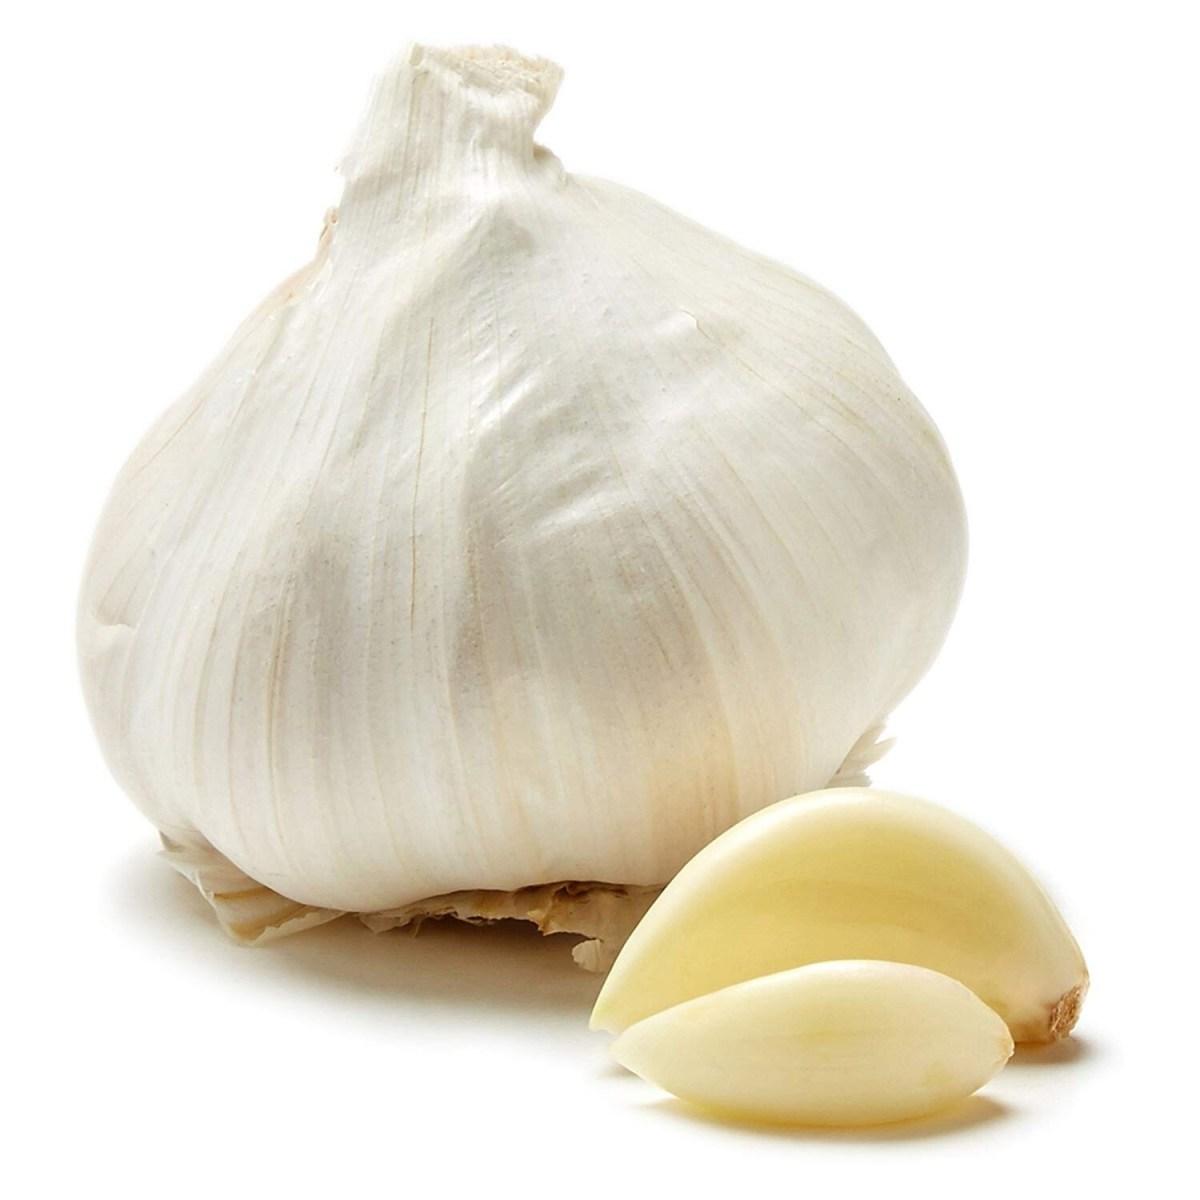 Garlic - each